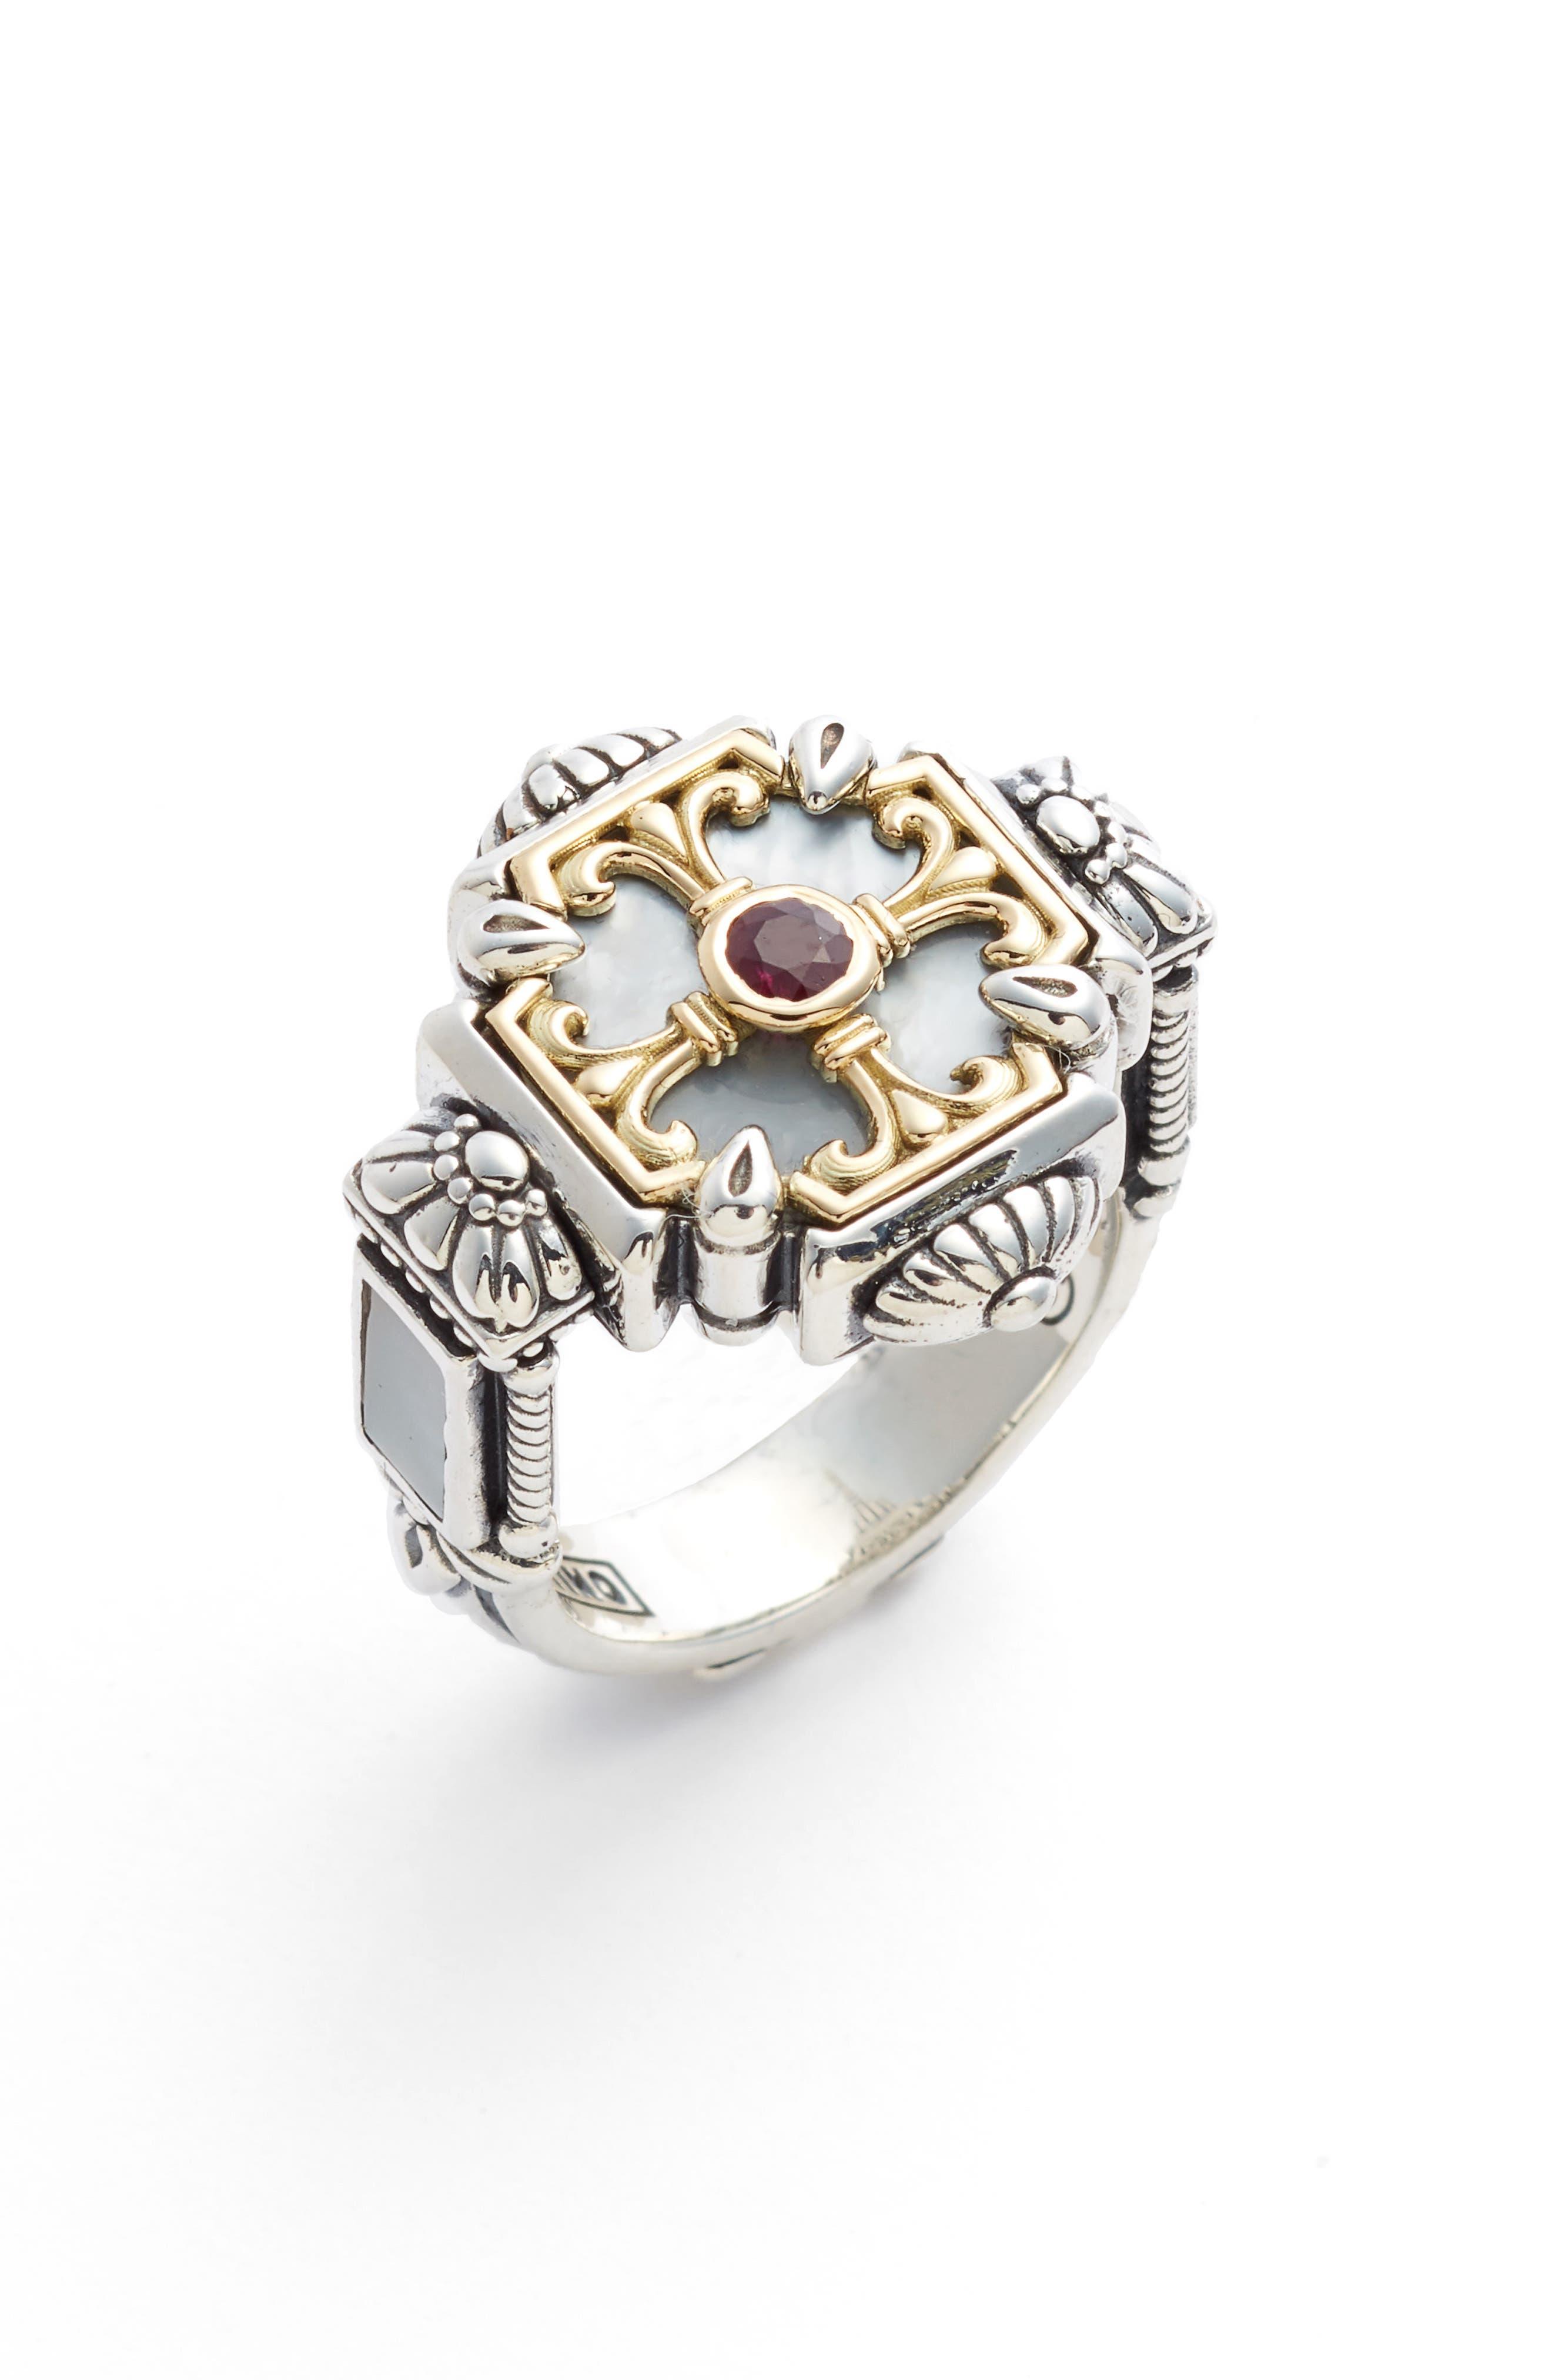 Konstantino Sterling Silver & Ruby Ring